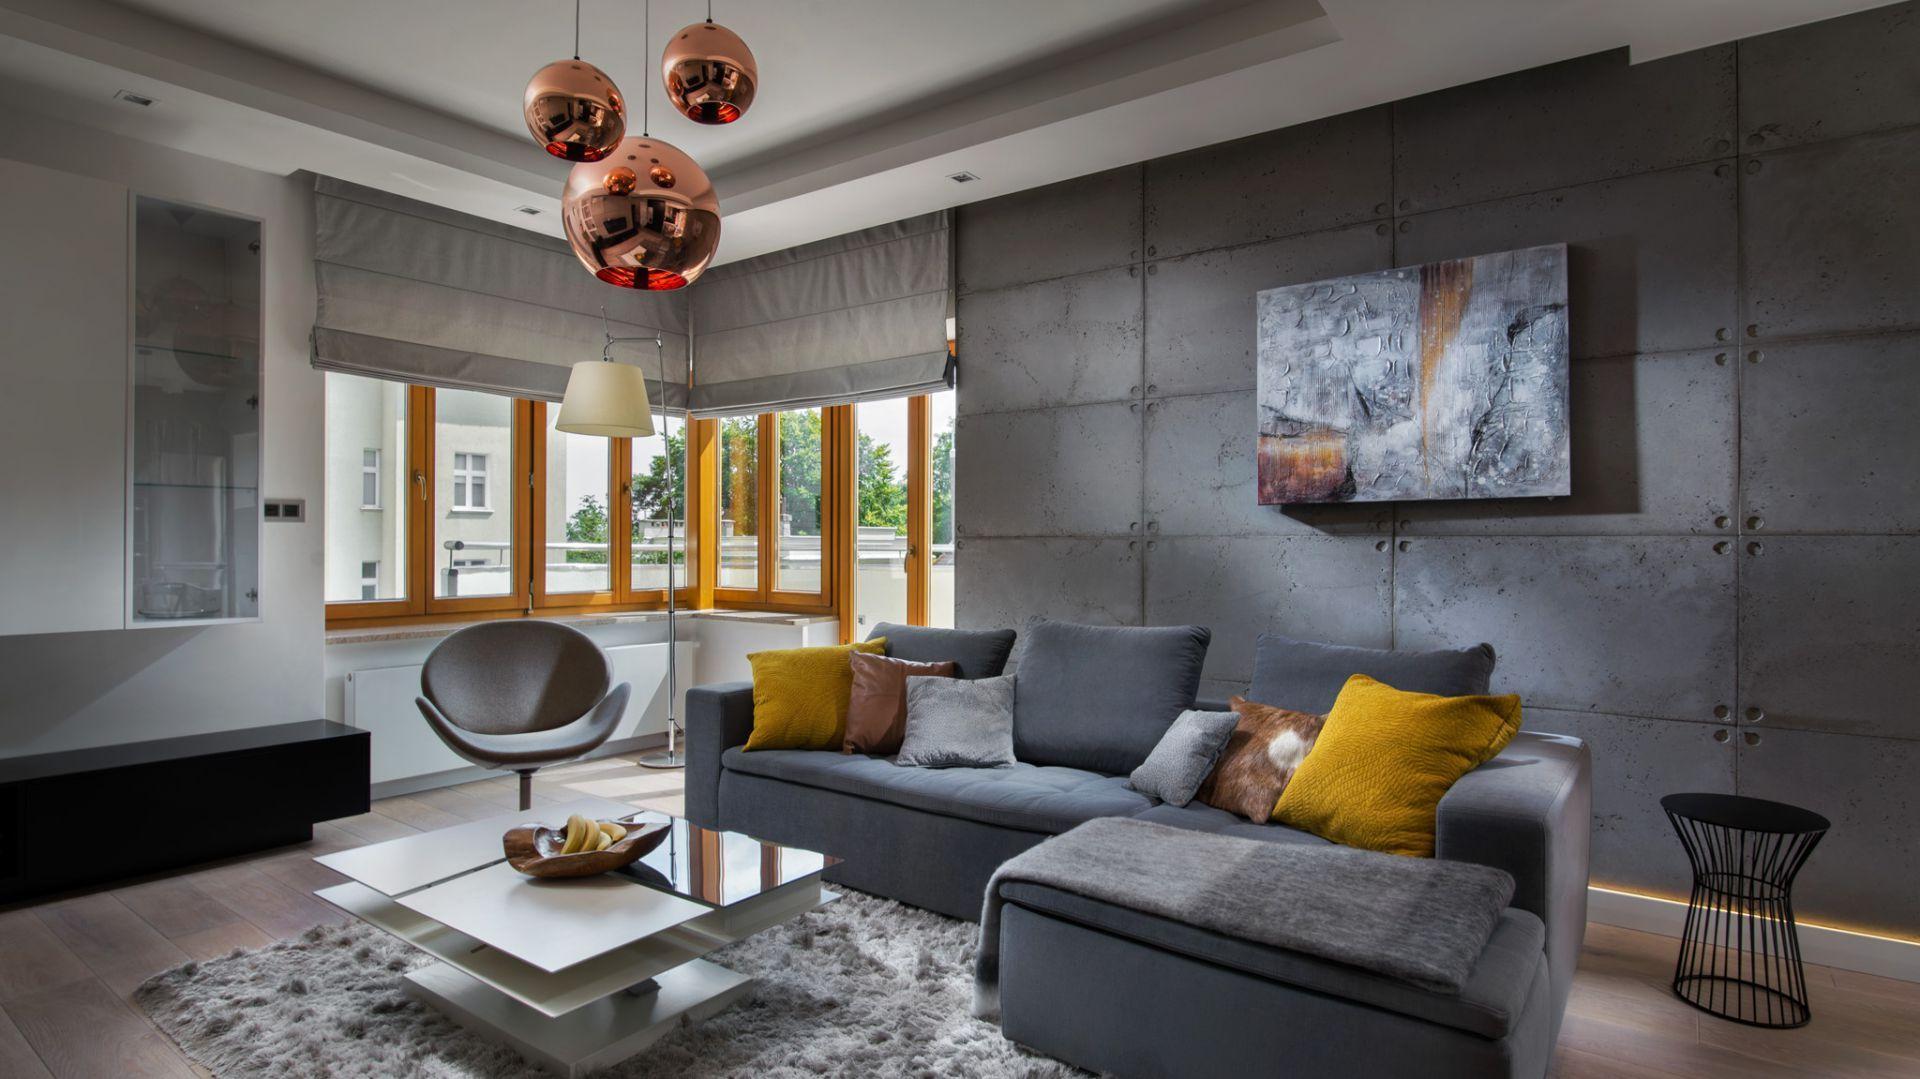 Beton cieszy się coraz większym zainteresowaniem wśród architektów wnętrz i projektantów. Projekt Agnieszka Hajdas-Obajtek. Fot. Wojciech Kic